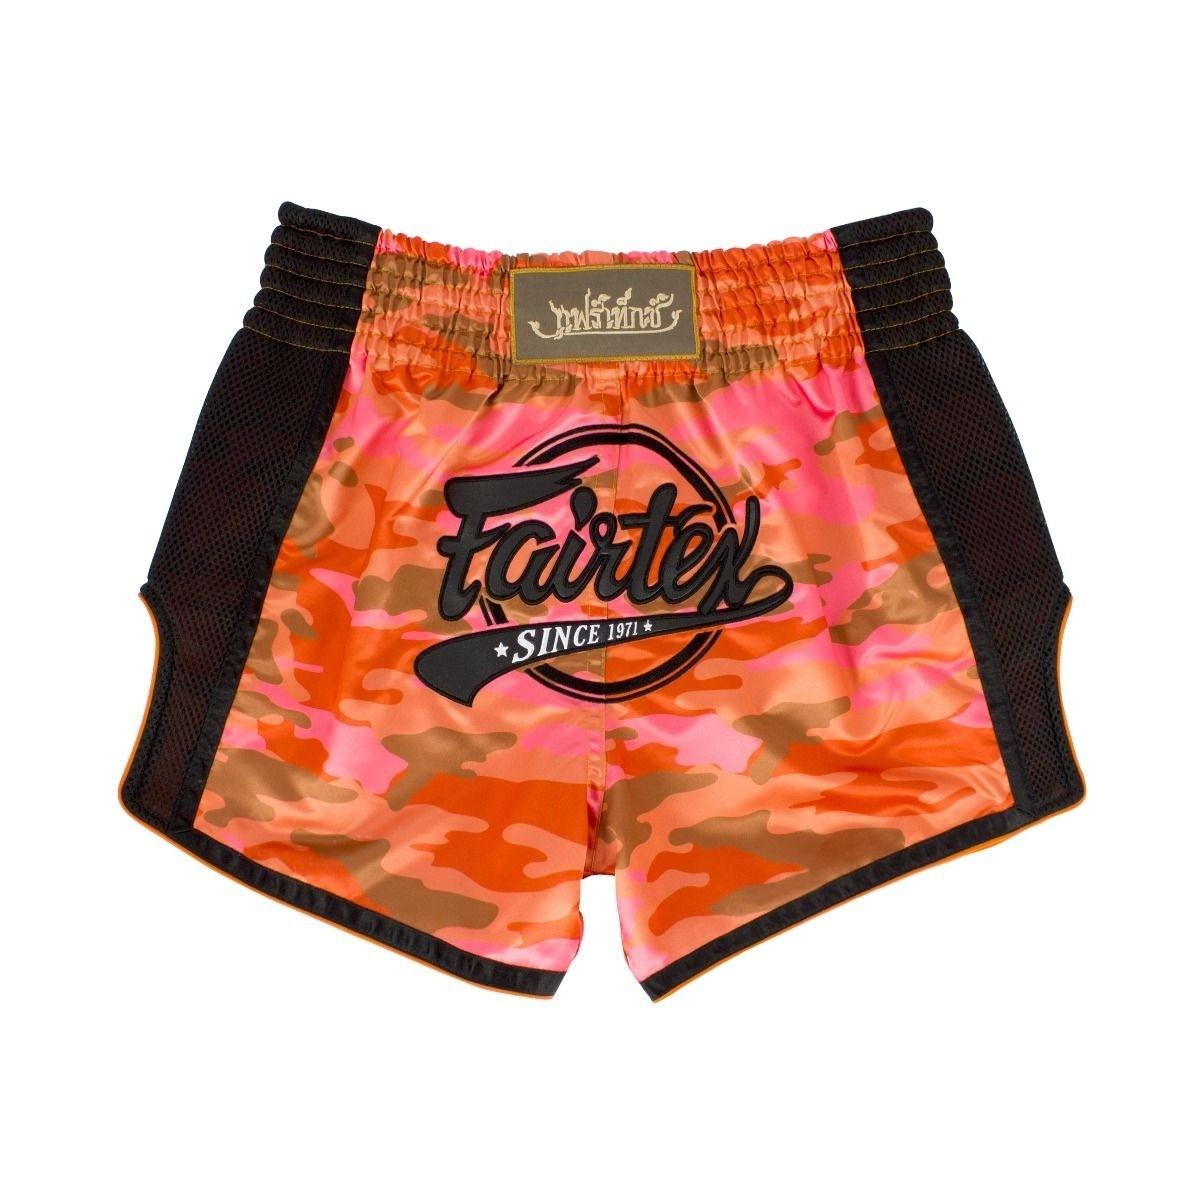 Fairtex Muay Thai Shorts - BS1711 Orange Camo